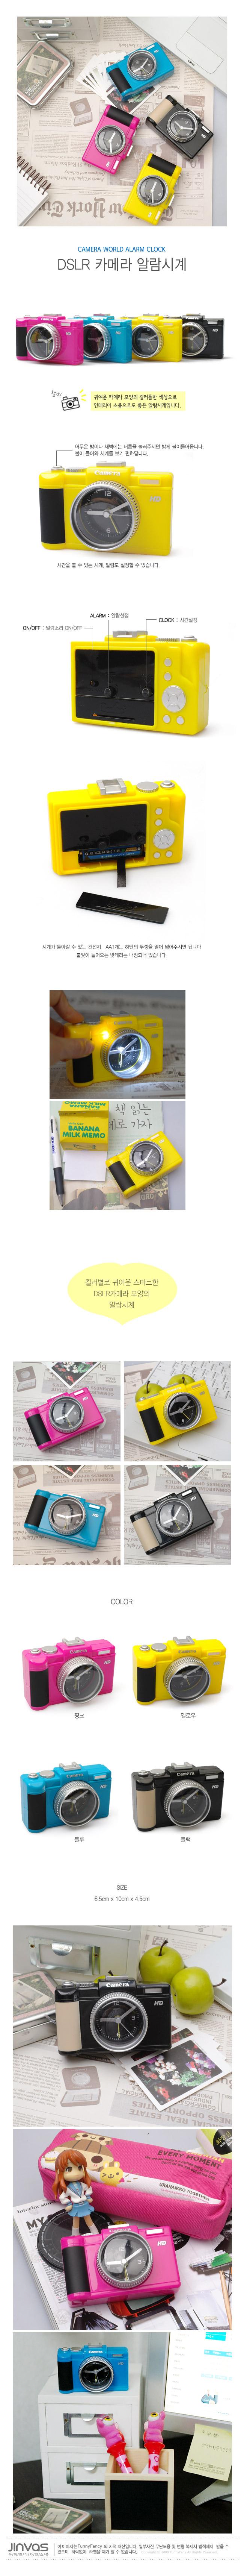 DSLR 카메라 알람시계 - 디자인에버, 6,000원, 알람/탁상시계, 알람시계